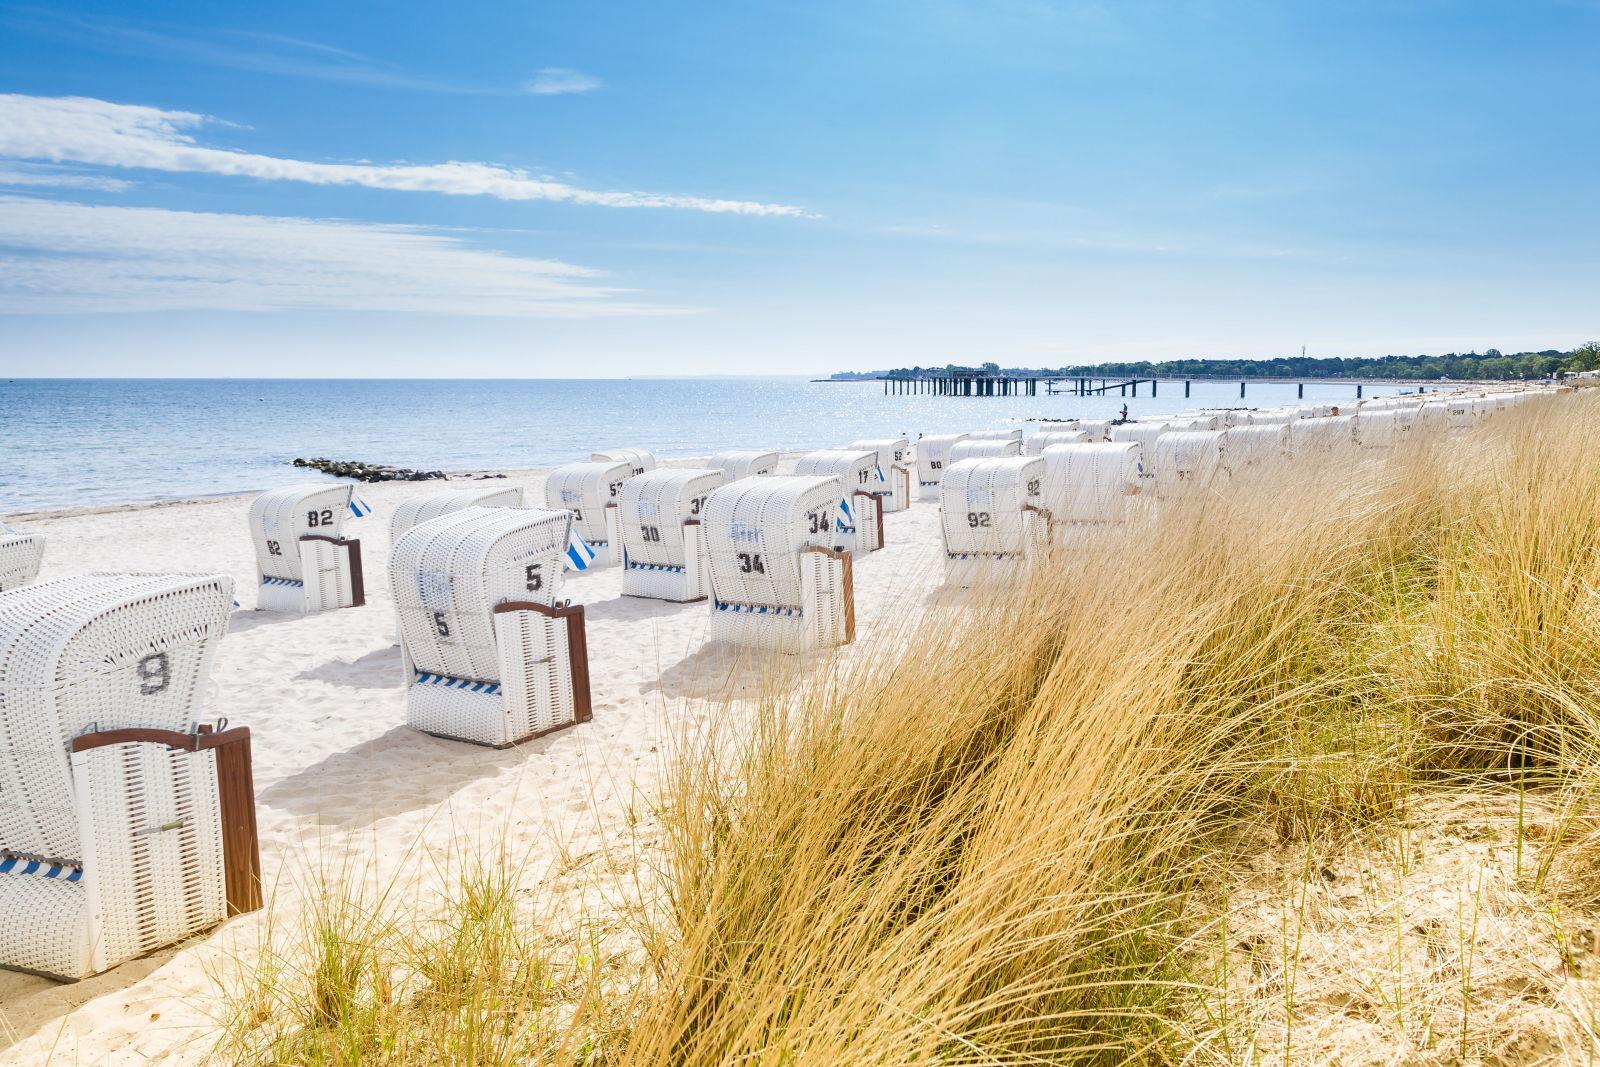 Strandurlaub in Deutschland an der Ostsee